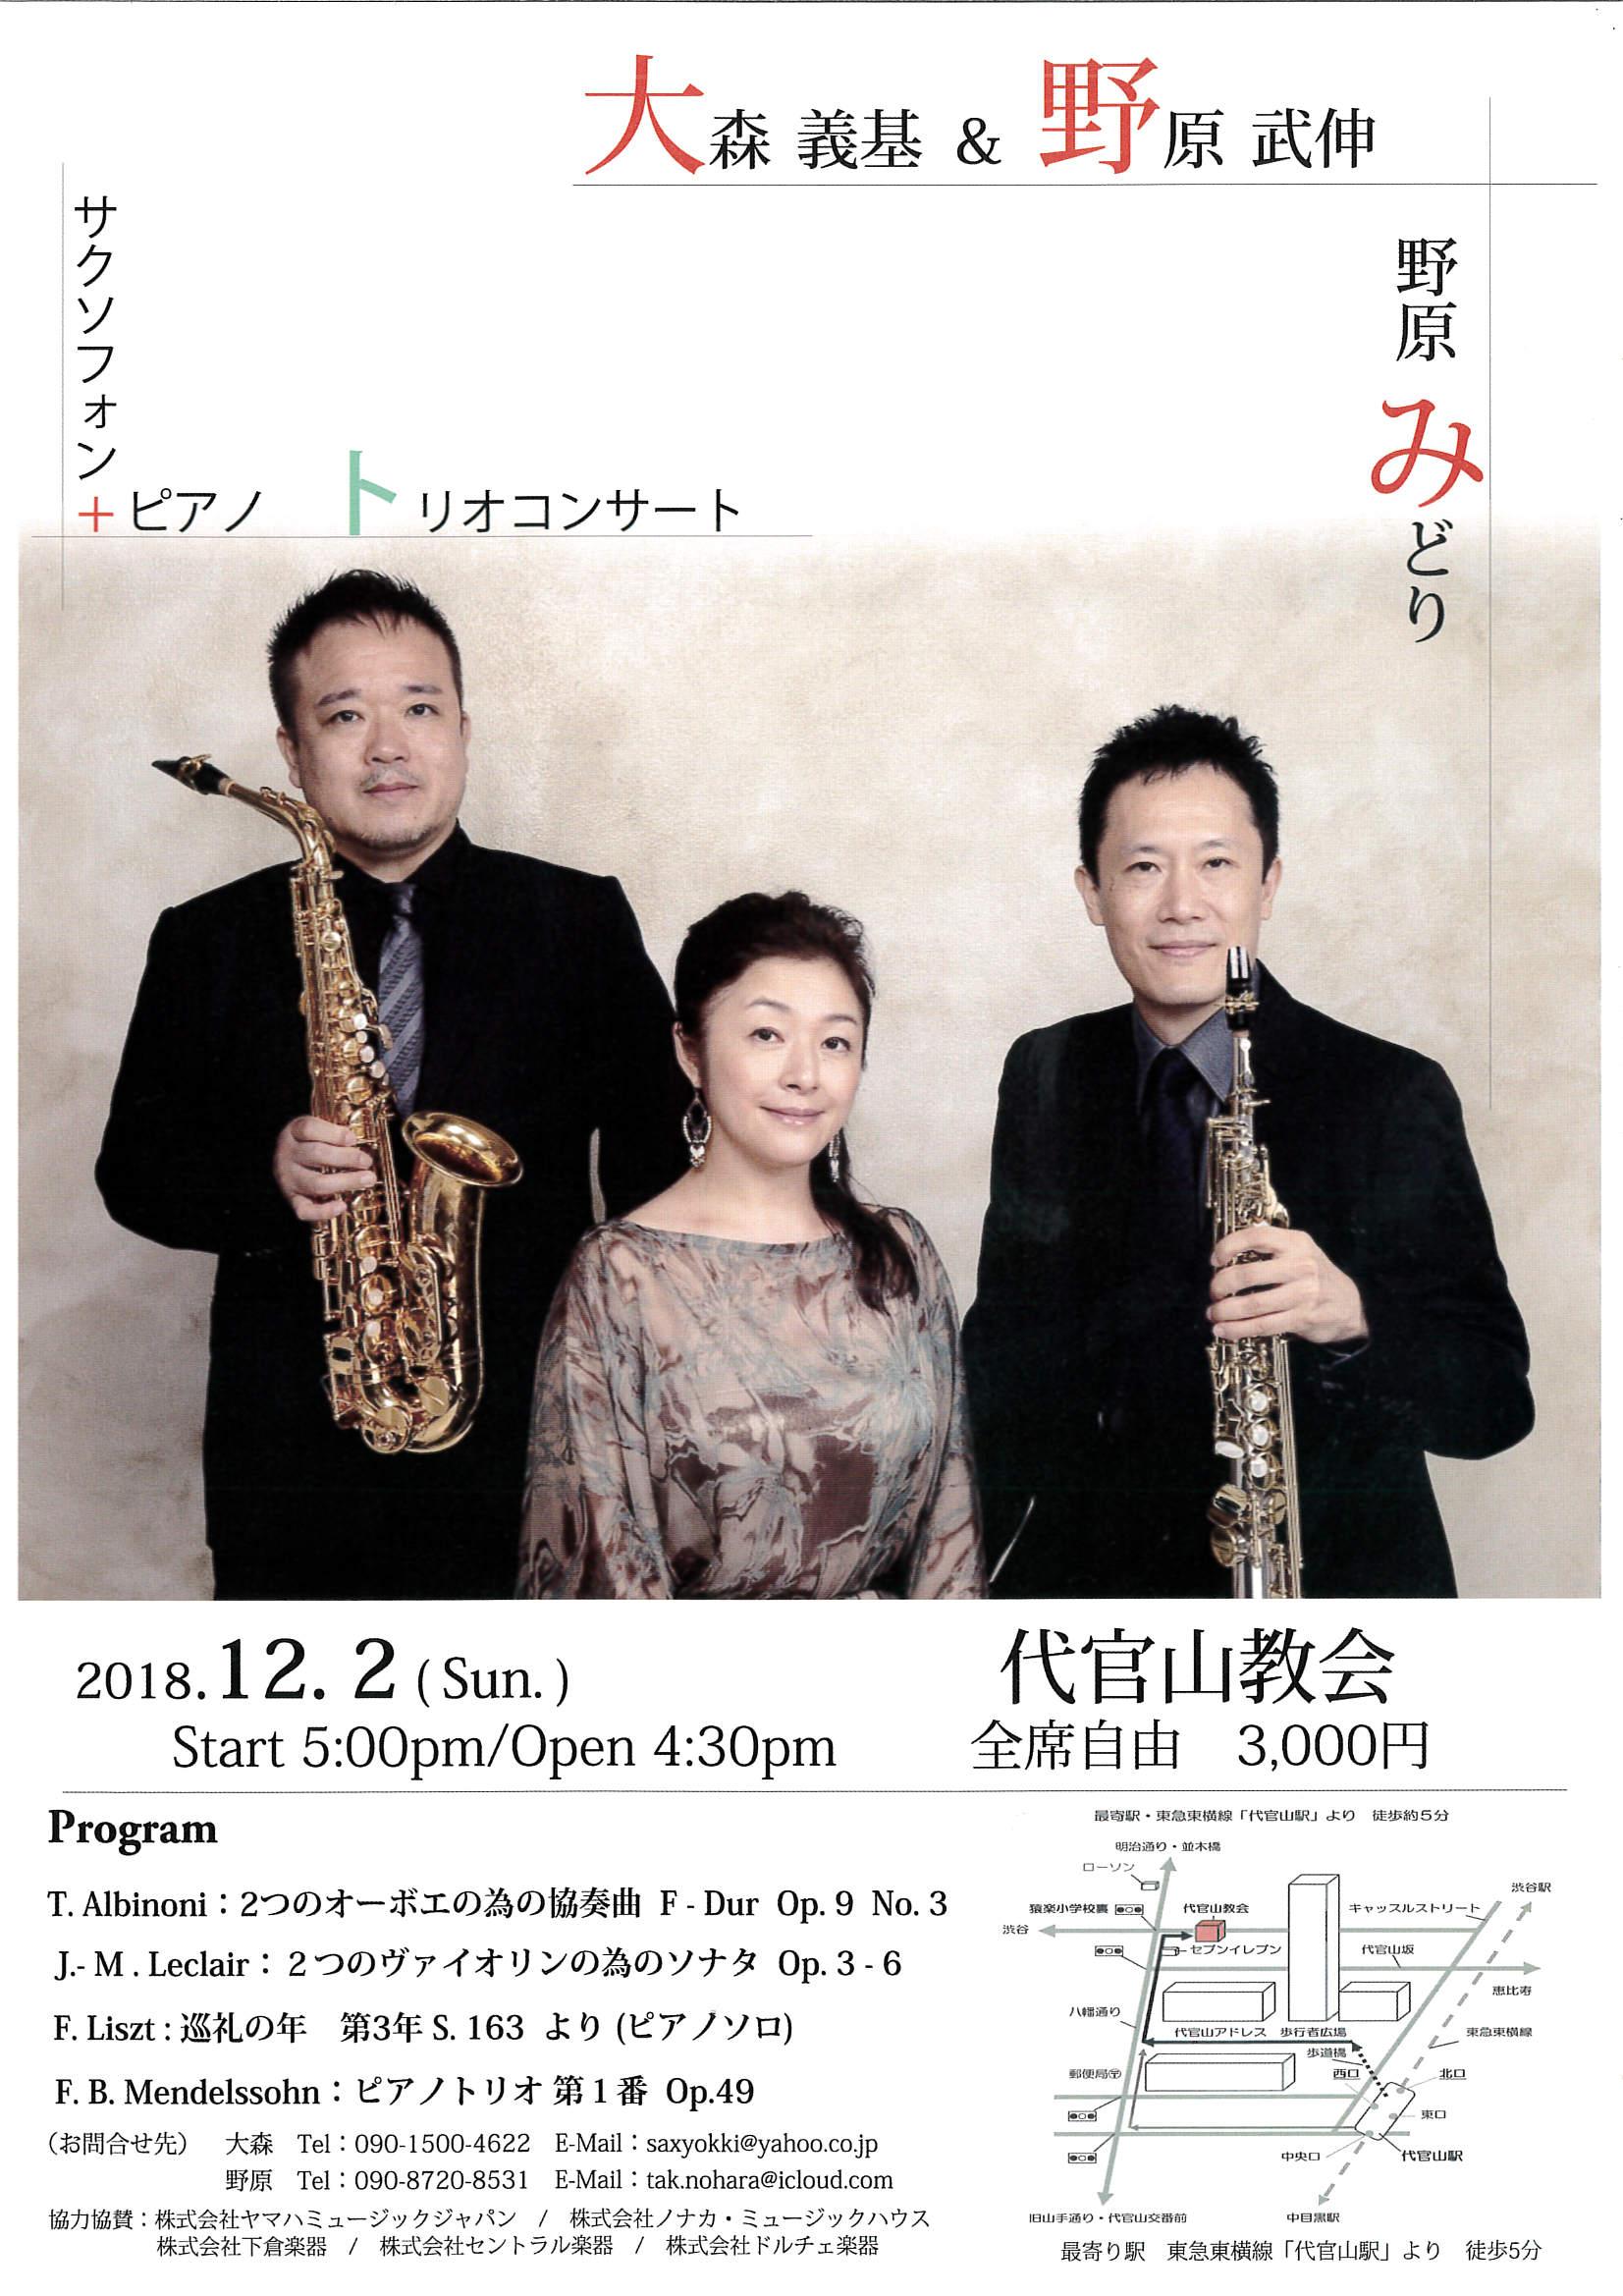 大森義基&野原武伸、野原みどり サクソフォン+ピアノ トリオコンサート。代官山教会、2018年12月2日開催。